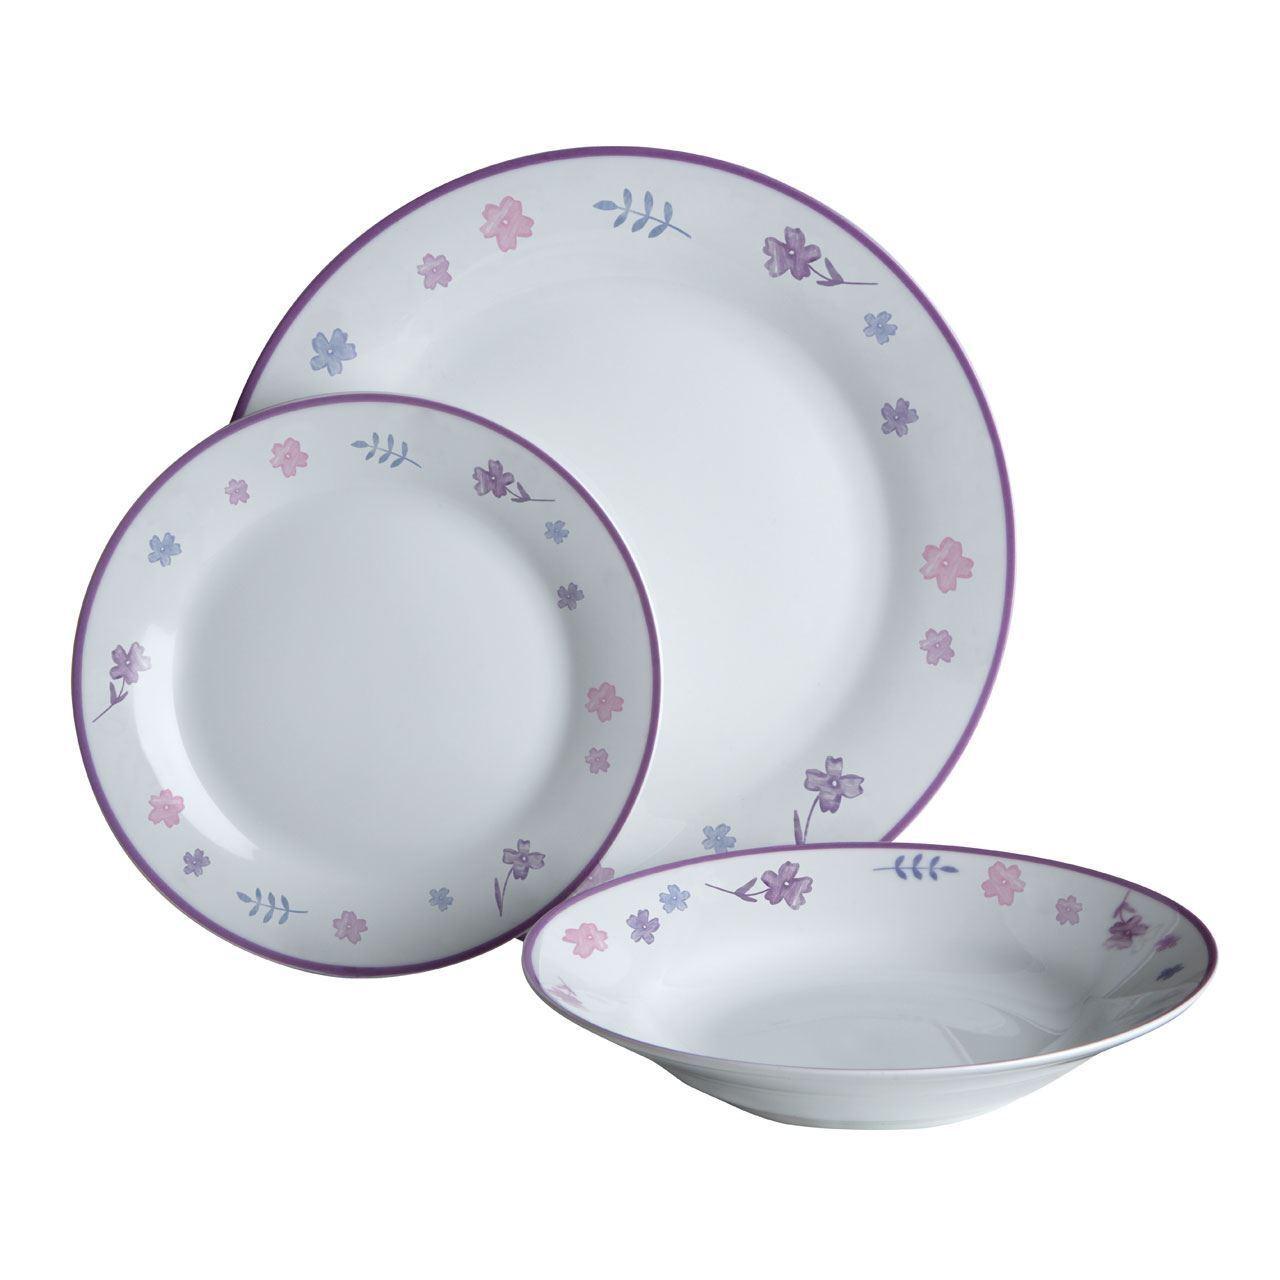 Premier Housewares 12pc Dinner Set, Porcelain, Delicate